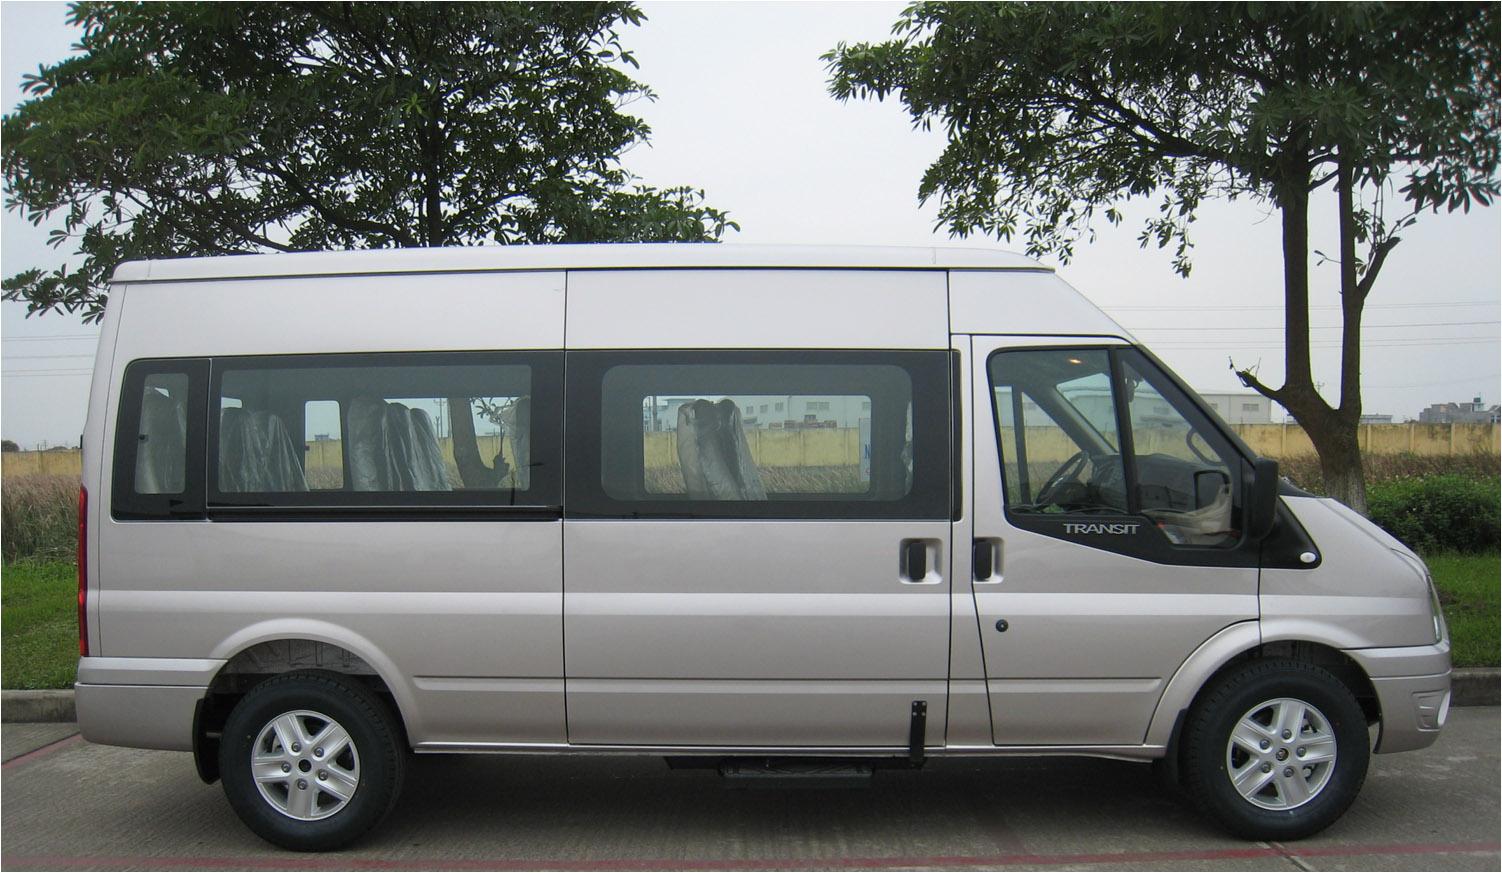 Cho thuê xe du lịch 4, 7, 16, 29, 45 chỗ giá rẻ ở Đà Lạt